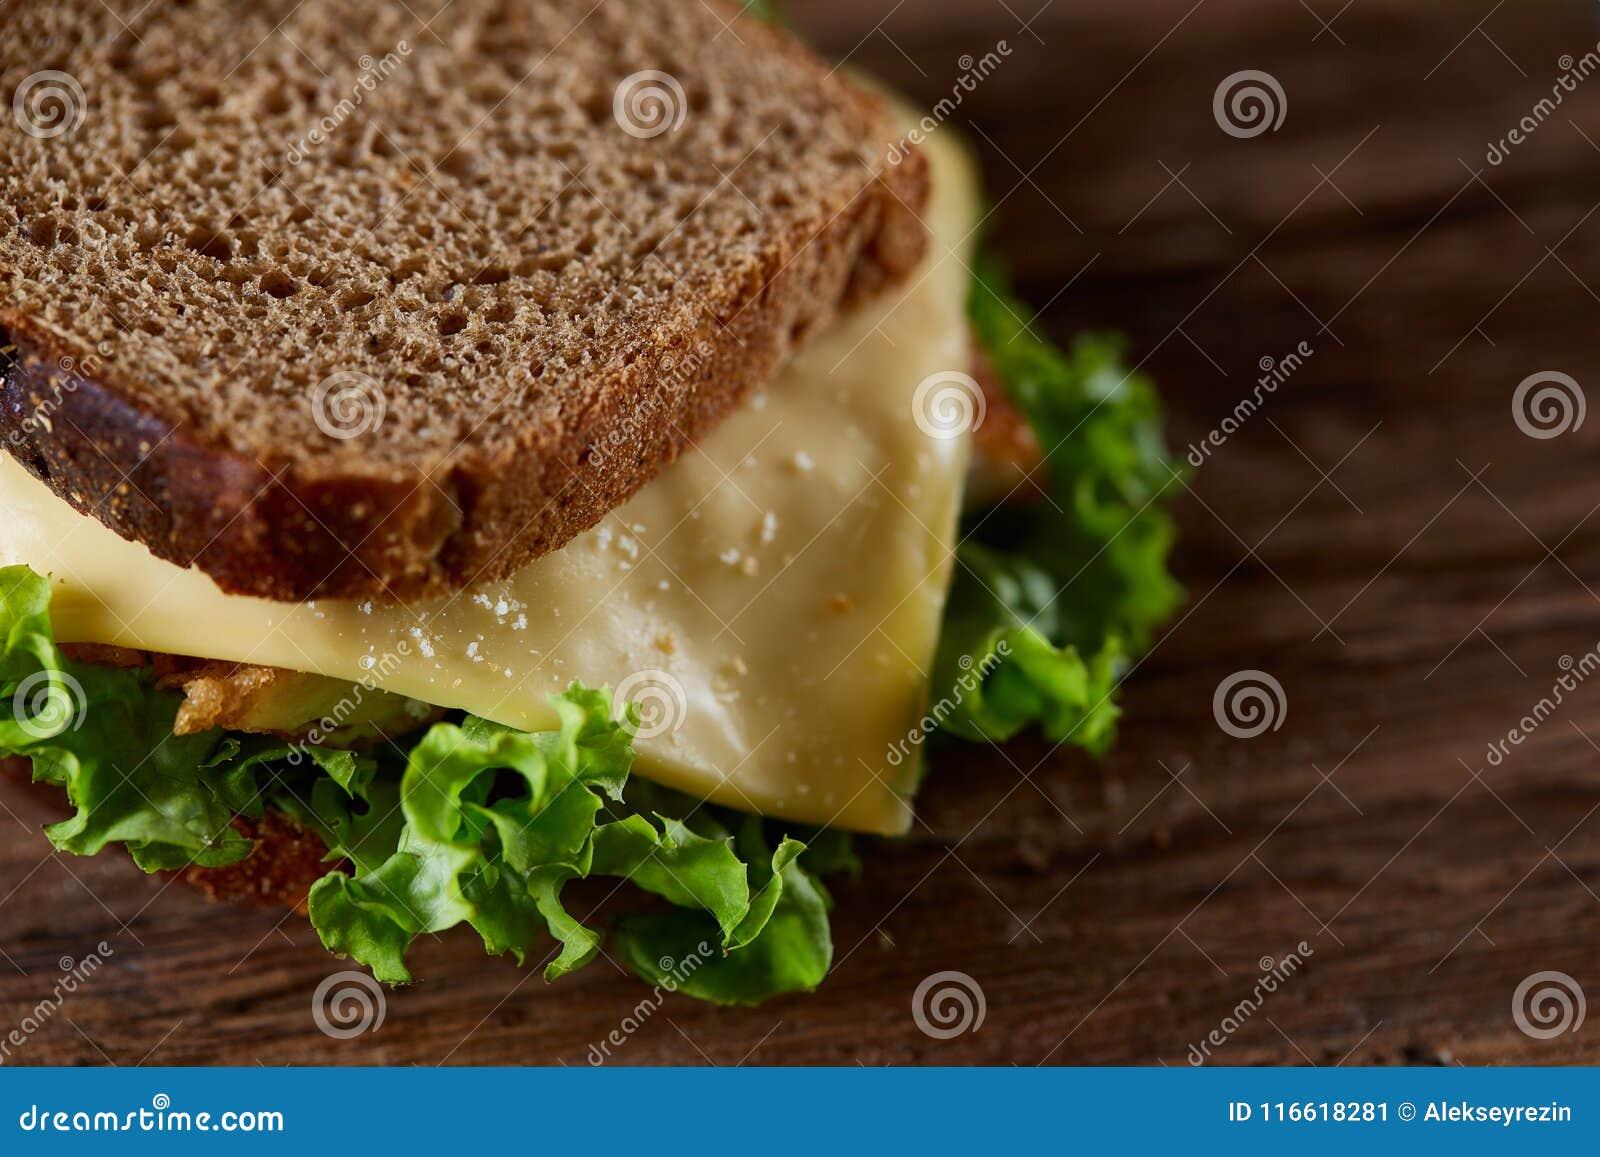 Sandwichs savoureux et frais sur la planche à découper au-dessus d un fond en bois foncé, plan rapproché